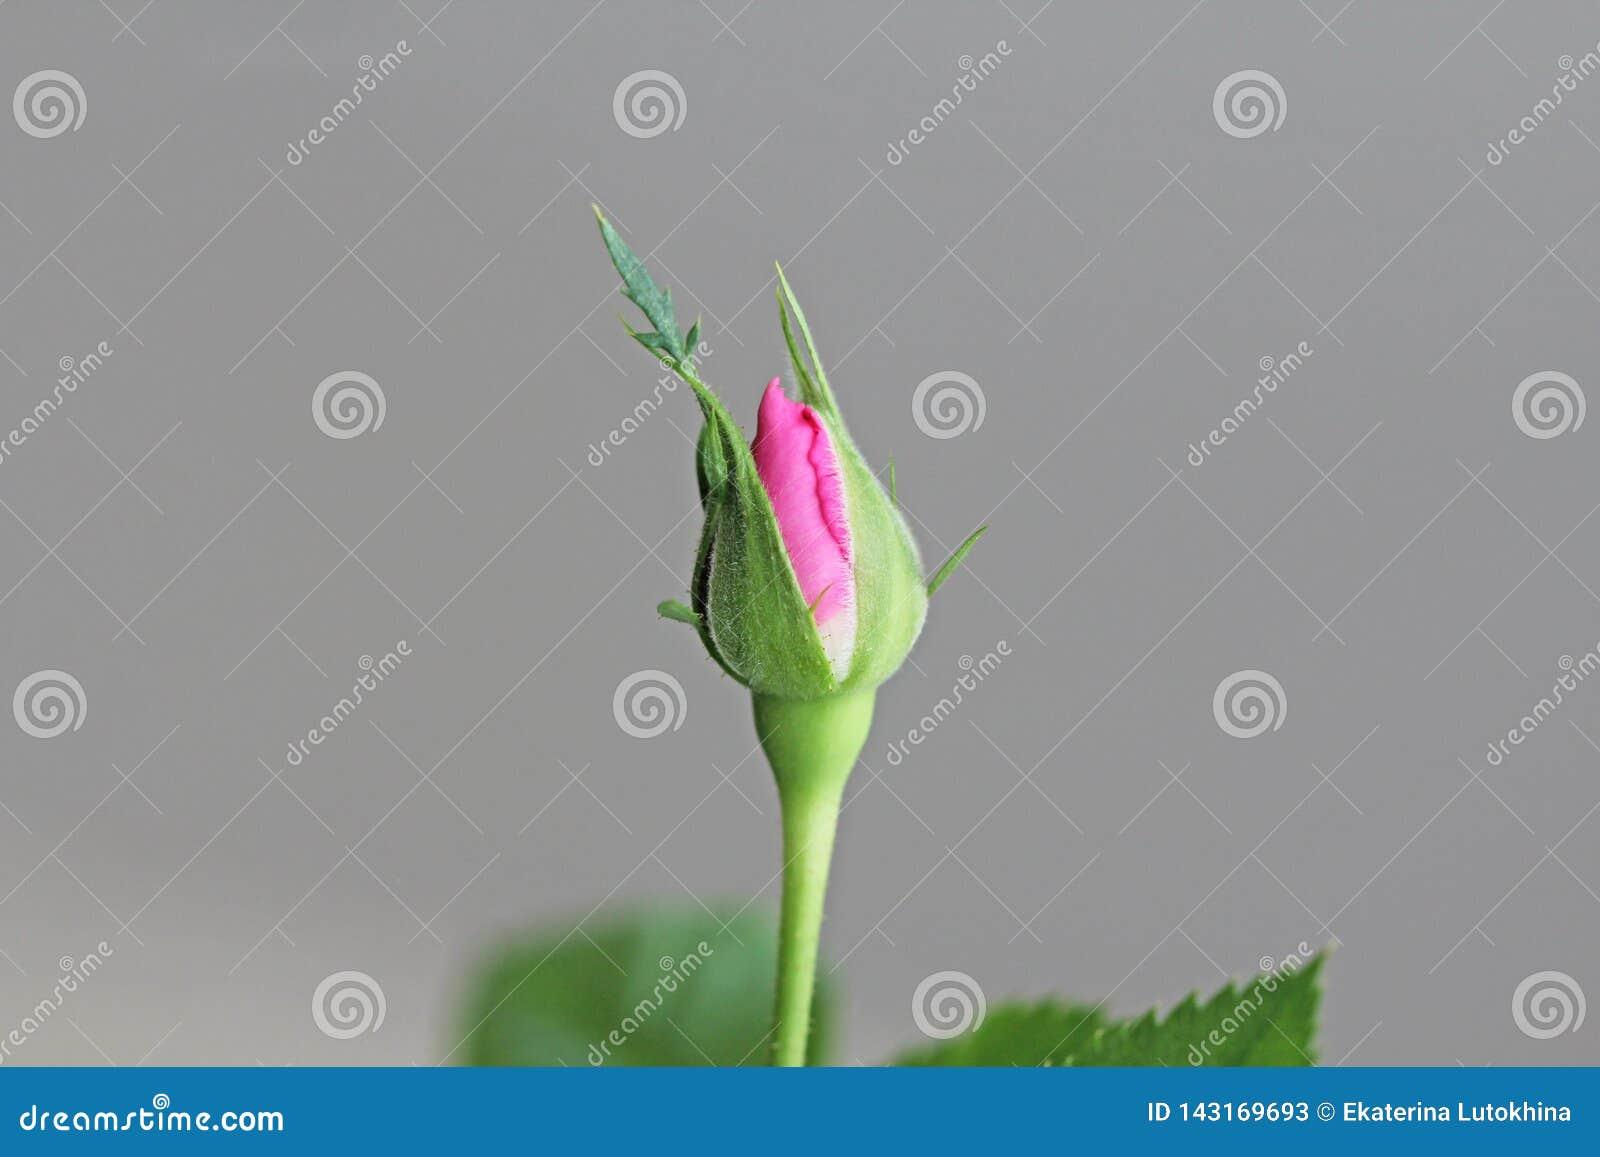 Αυξήθηκε το λουλούδι κλειστό αυξήθηκε οφθαλμός σε ένα υπόβαθρο των πράσινων φύλλων 9 πολύχρωμες εικόνες διάθεσης που τίθενται τις